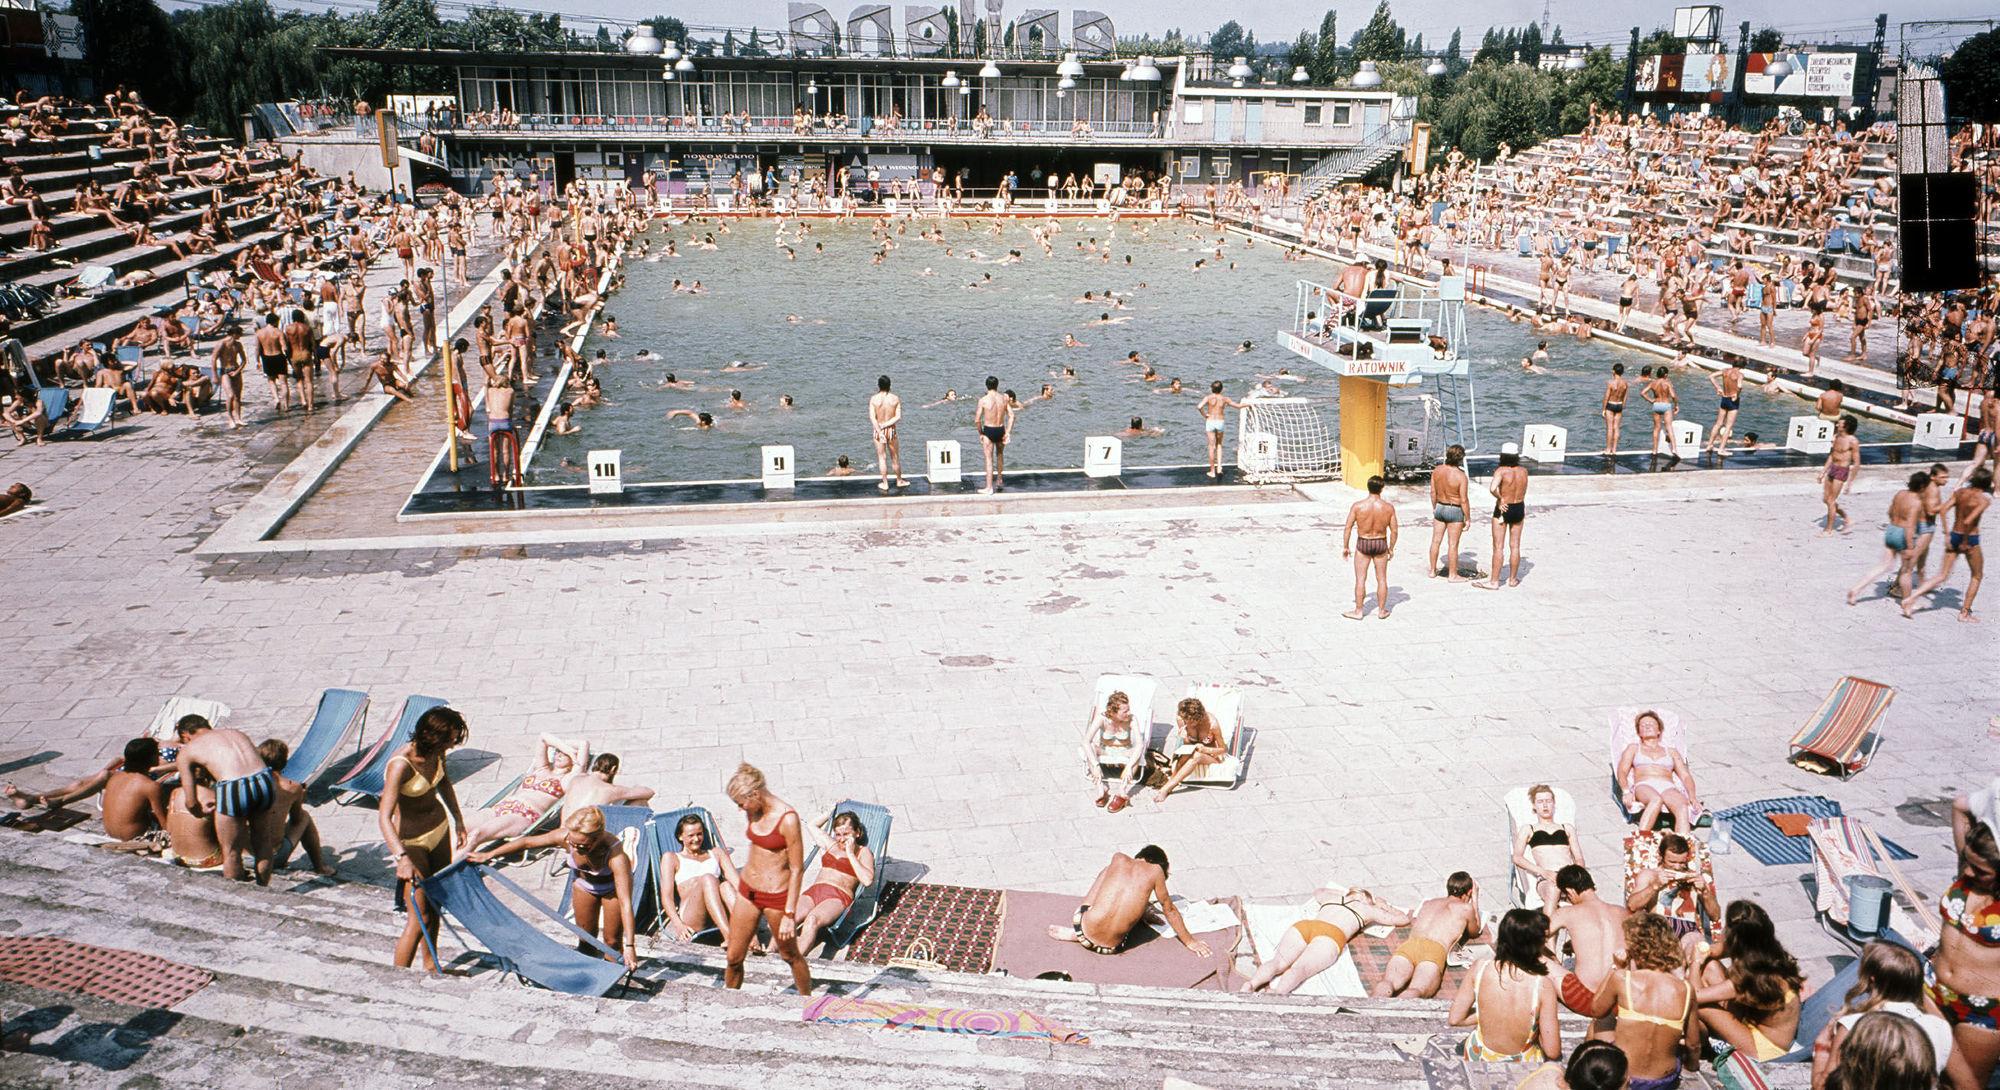 Latem w mieście - Basen Anilana, Łódź (1978)